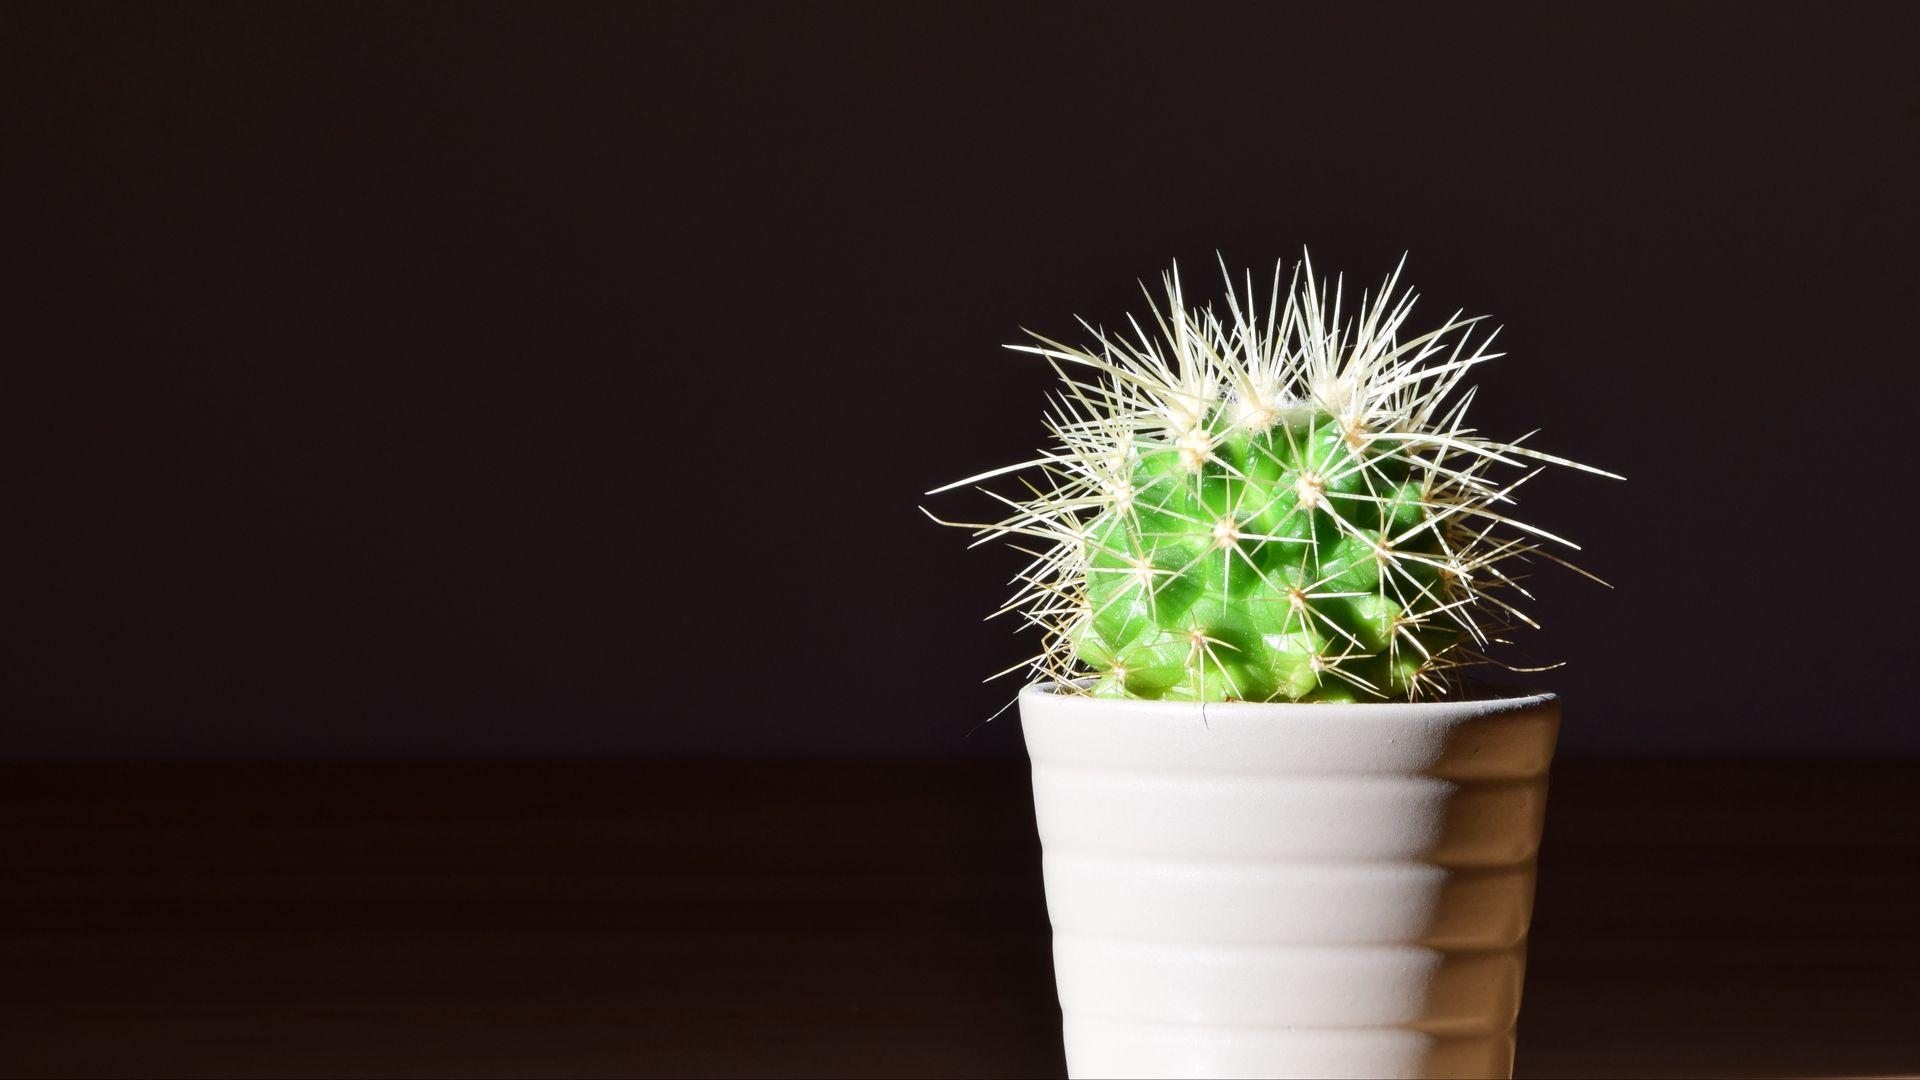 Cactus best Wallpaper